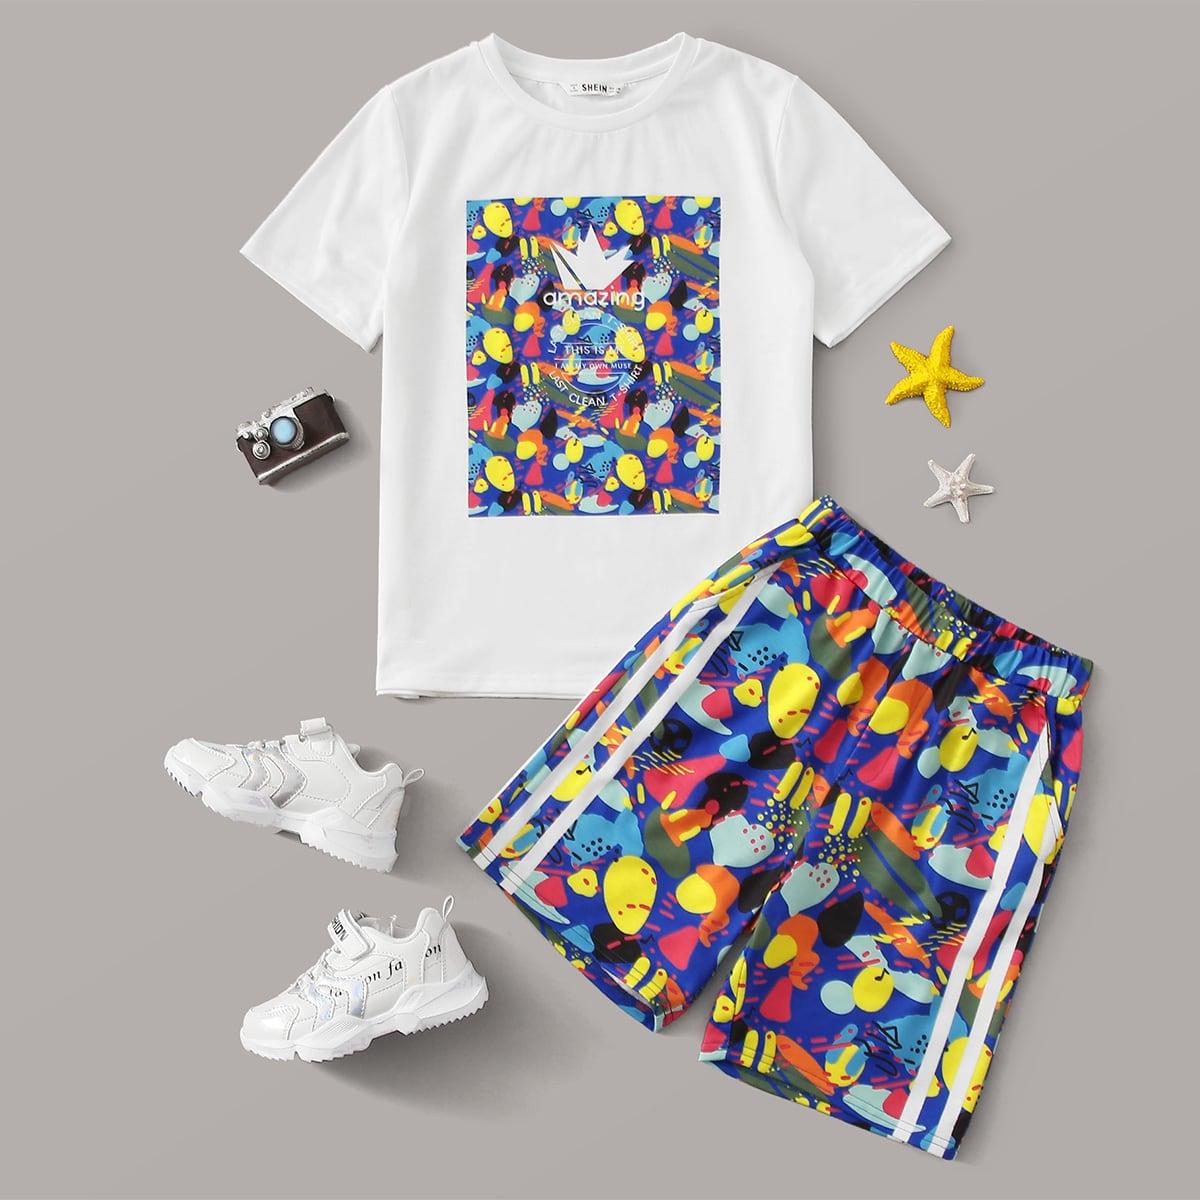 Топ с текстовым принтом и шорты с принтом для мальчиков фото